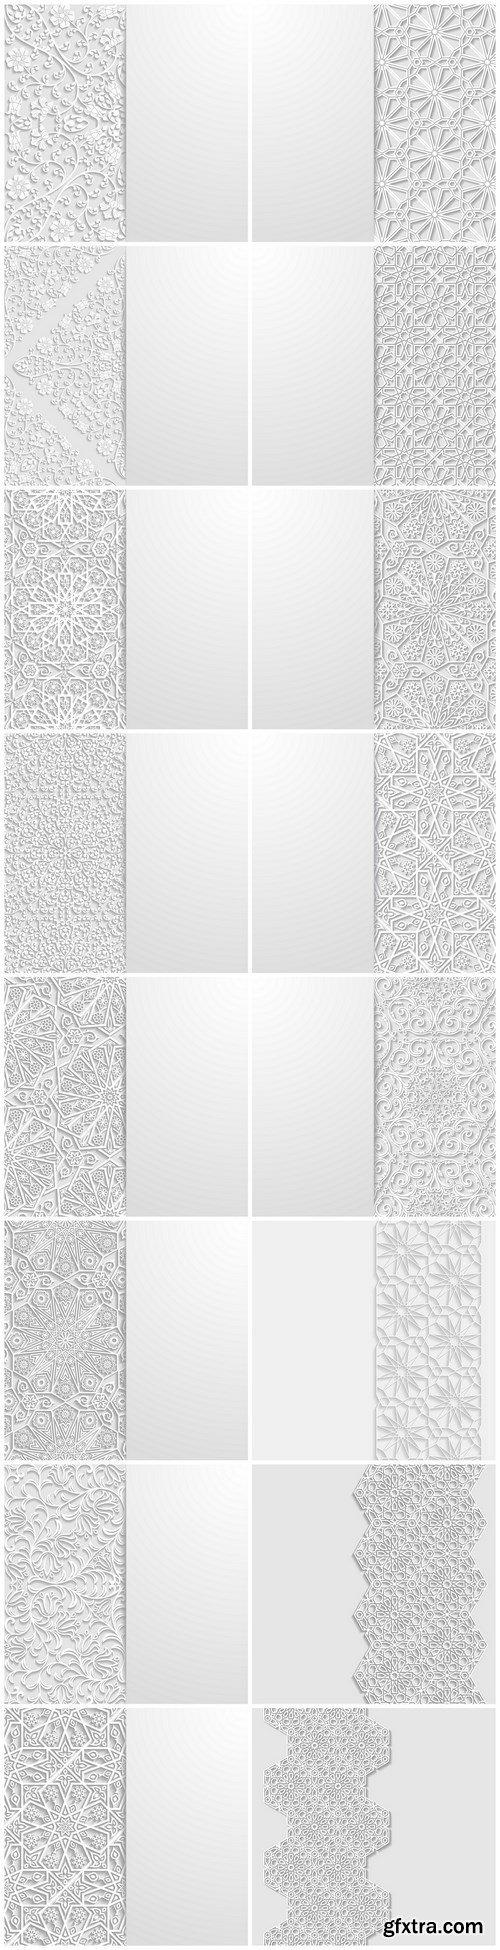 Beautiful arab and islamic white ornaments - 16xEPS